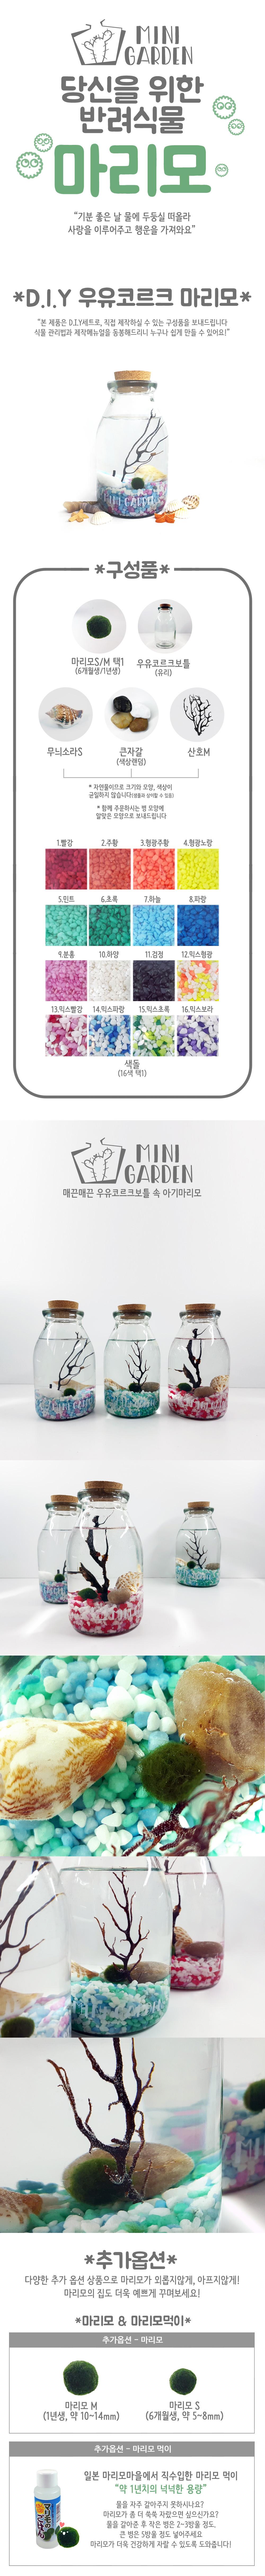 우유코르크 마리모 DIY 세트 - 미니가든, 16,000원, 키우기, 식물